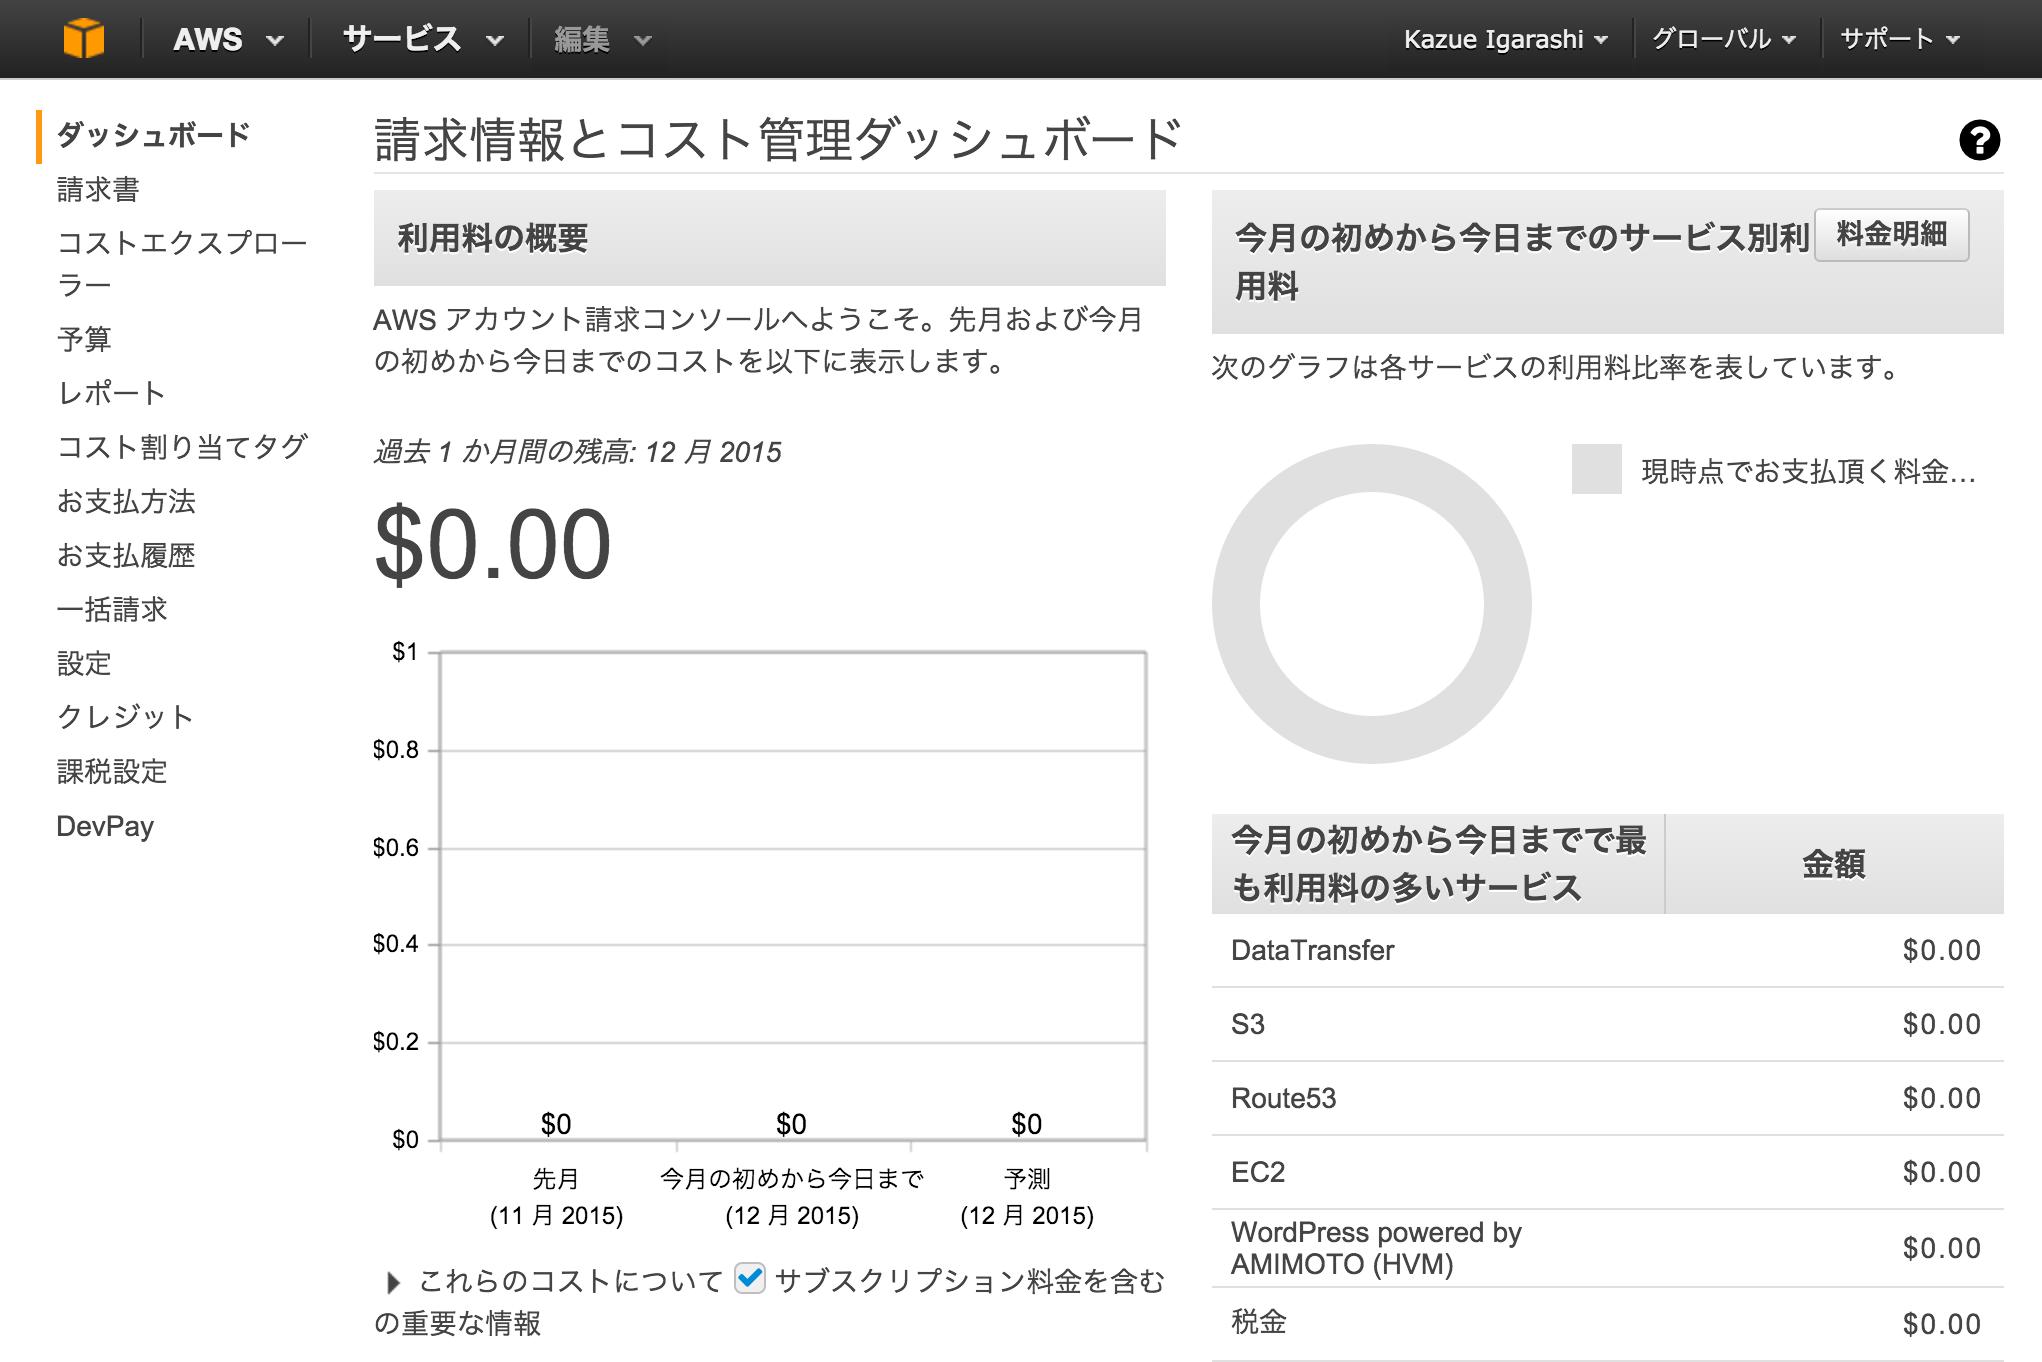 お安くAMIMOTOを利用する(うちのブログは月額0円?)